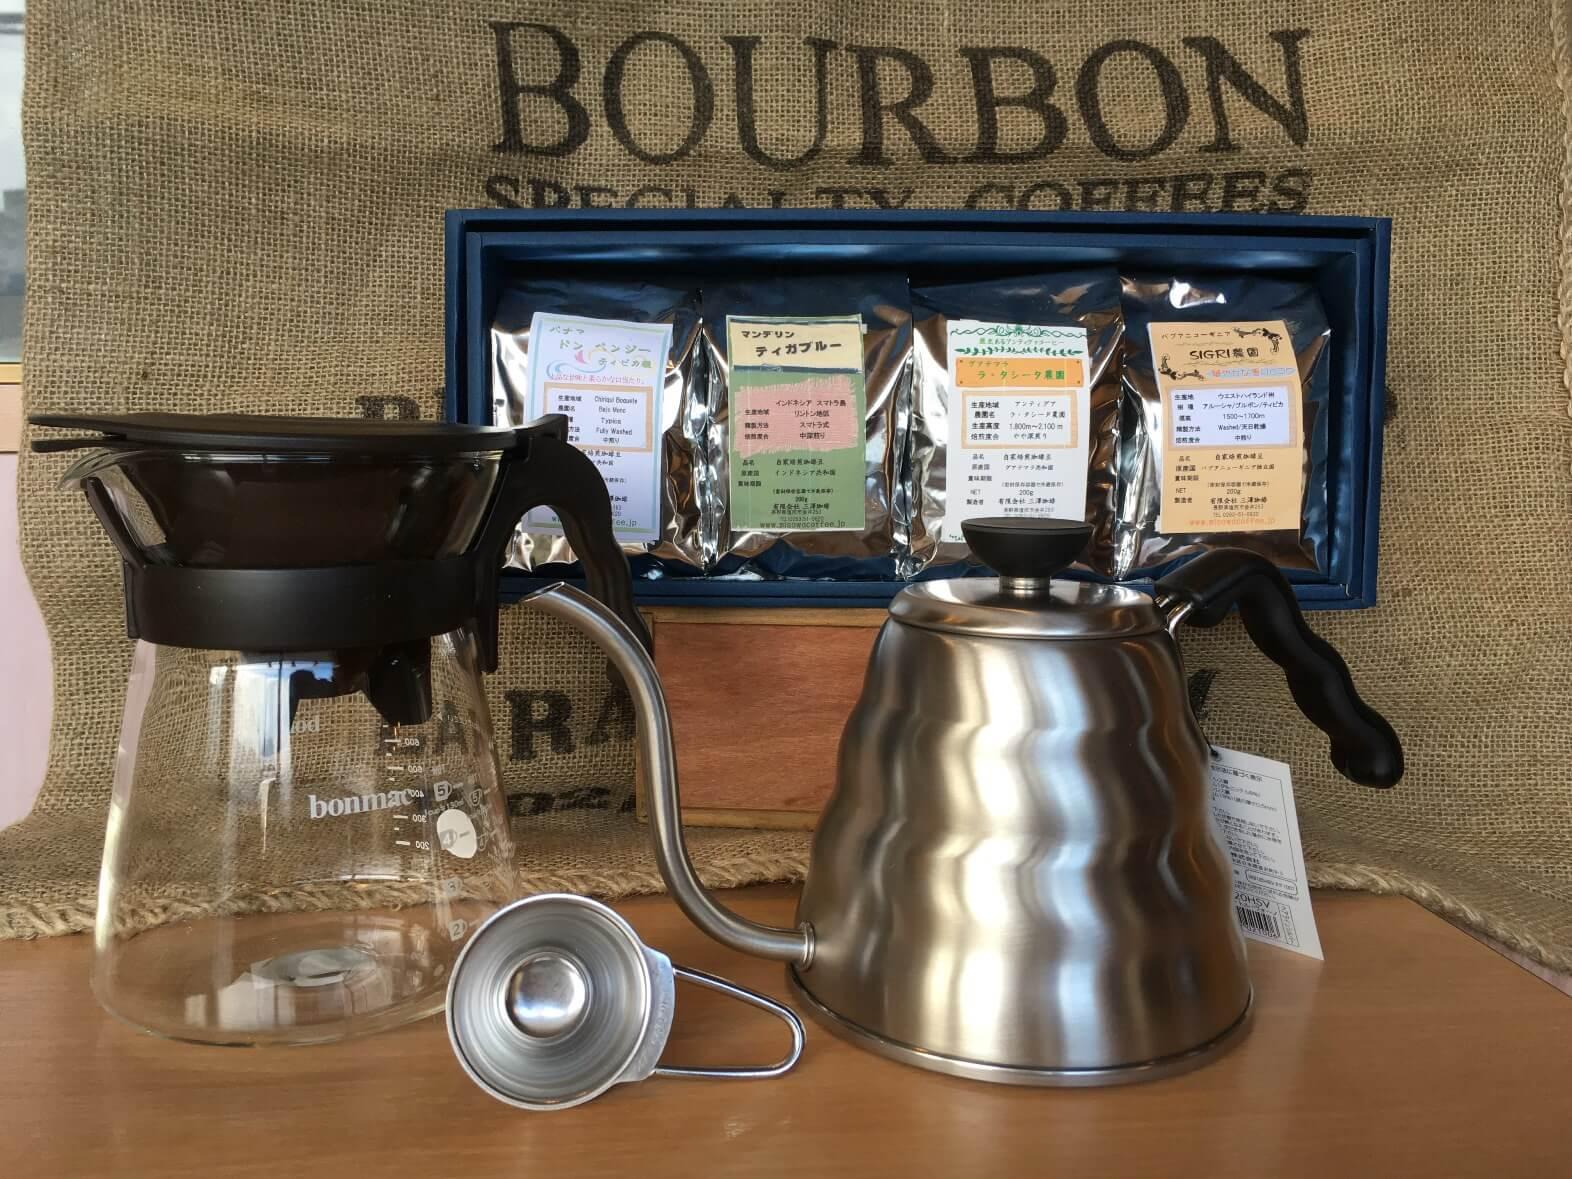 スペシャルティーコーヒーとドリップセット(挽き)寄附金額30,000円 イメージ